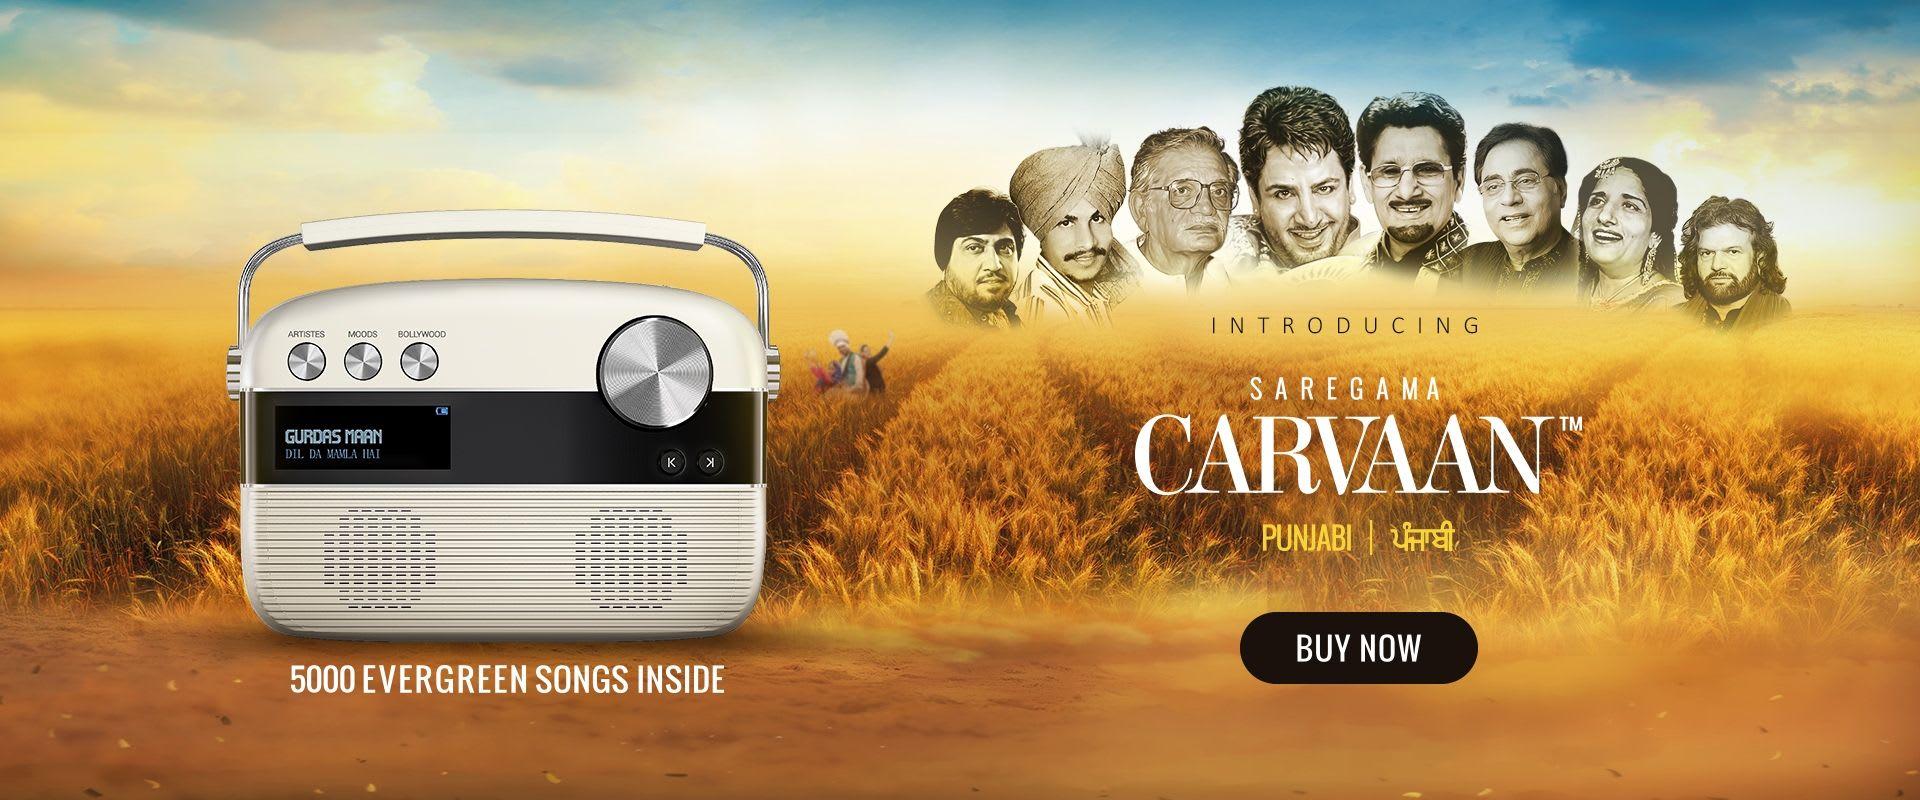 Carvaan Punjabi